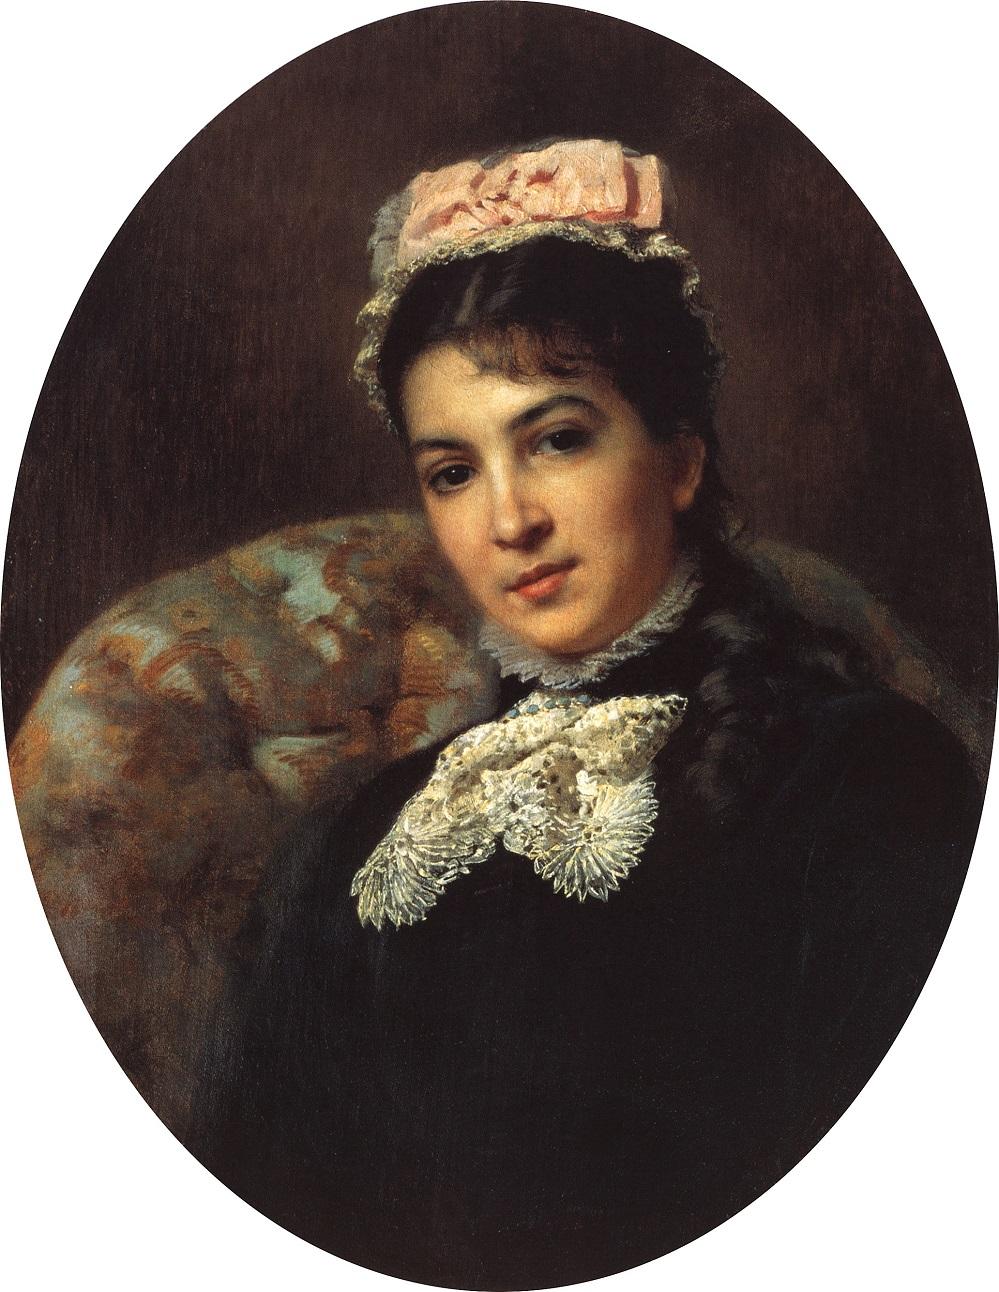 Портрет актрисы Маргариты Гавриловны Савиной  Санкт-Петербургский музей театрального и музыкального искусства.